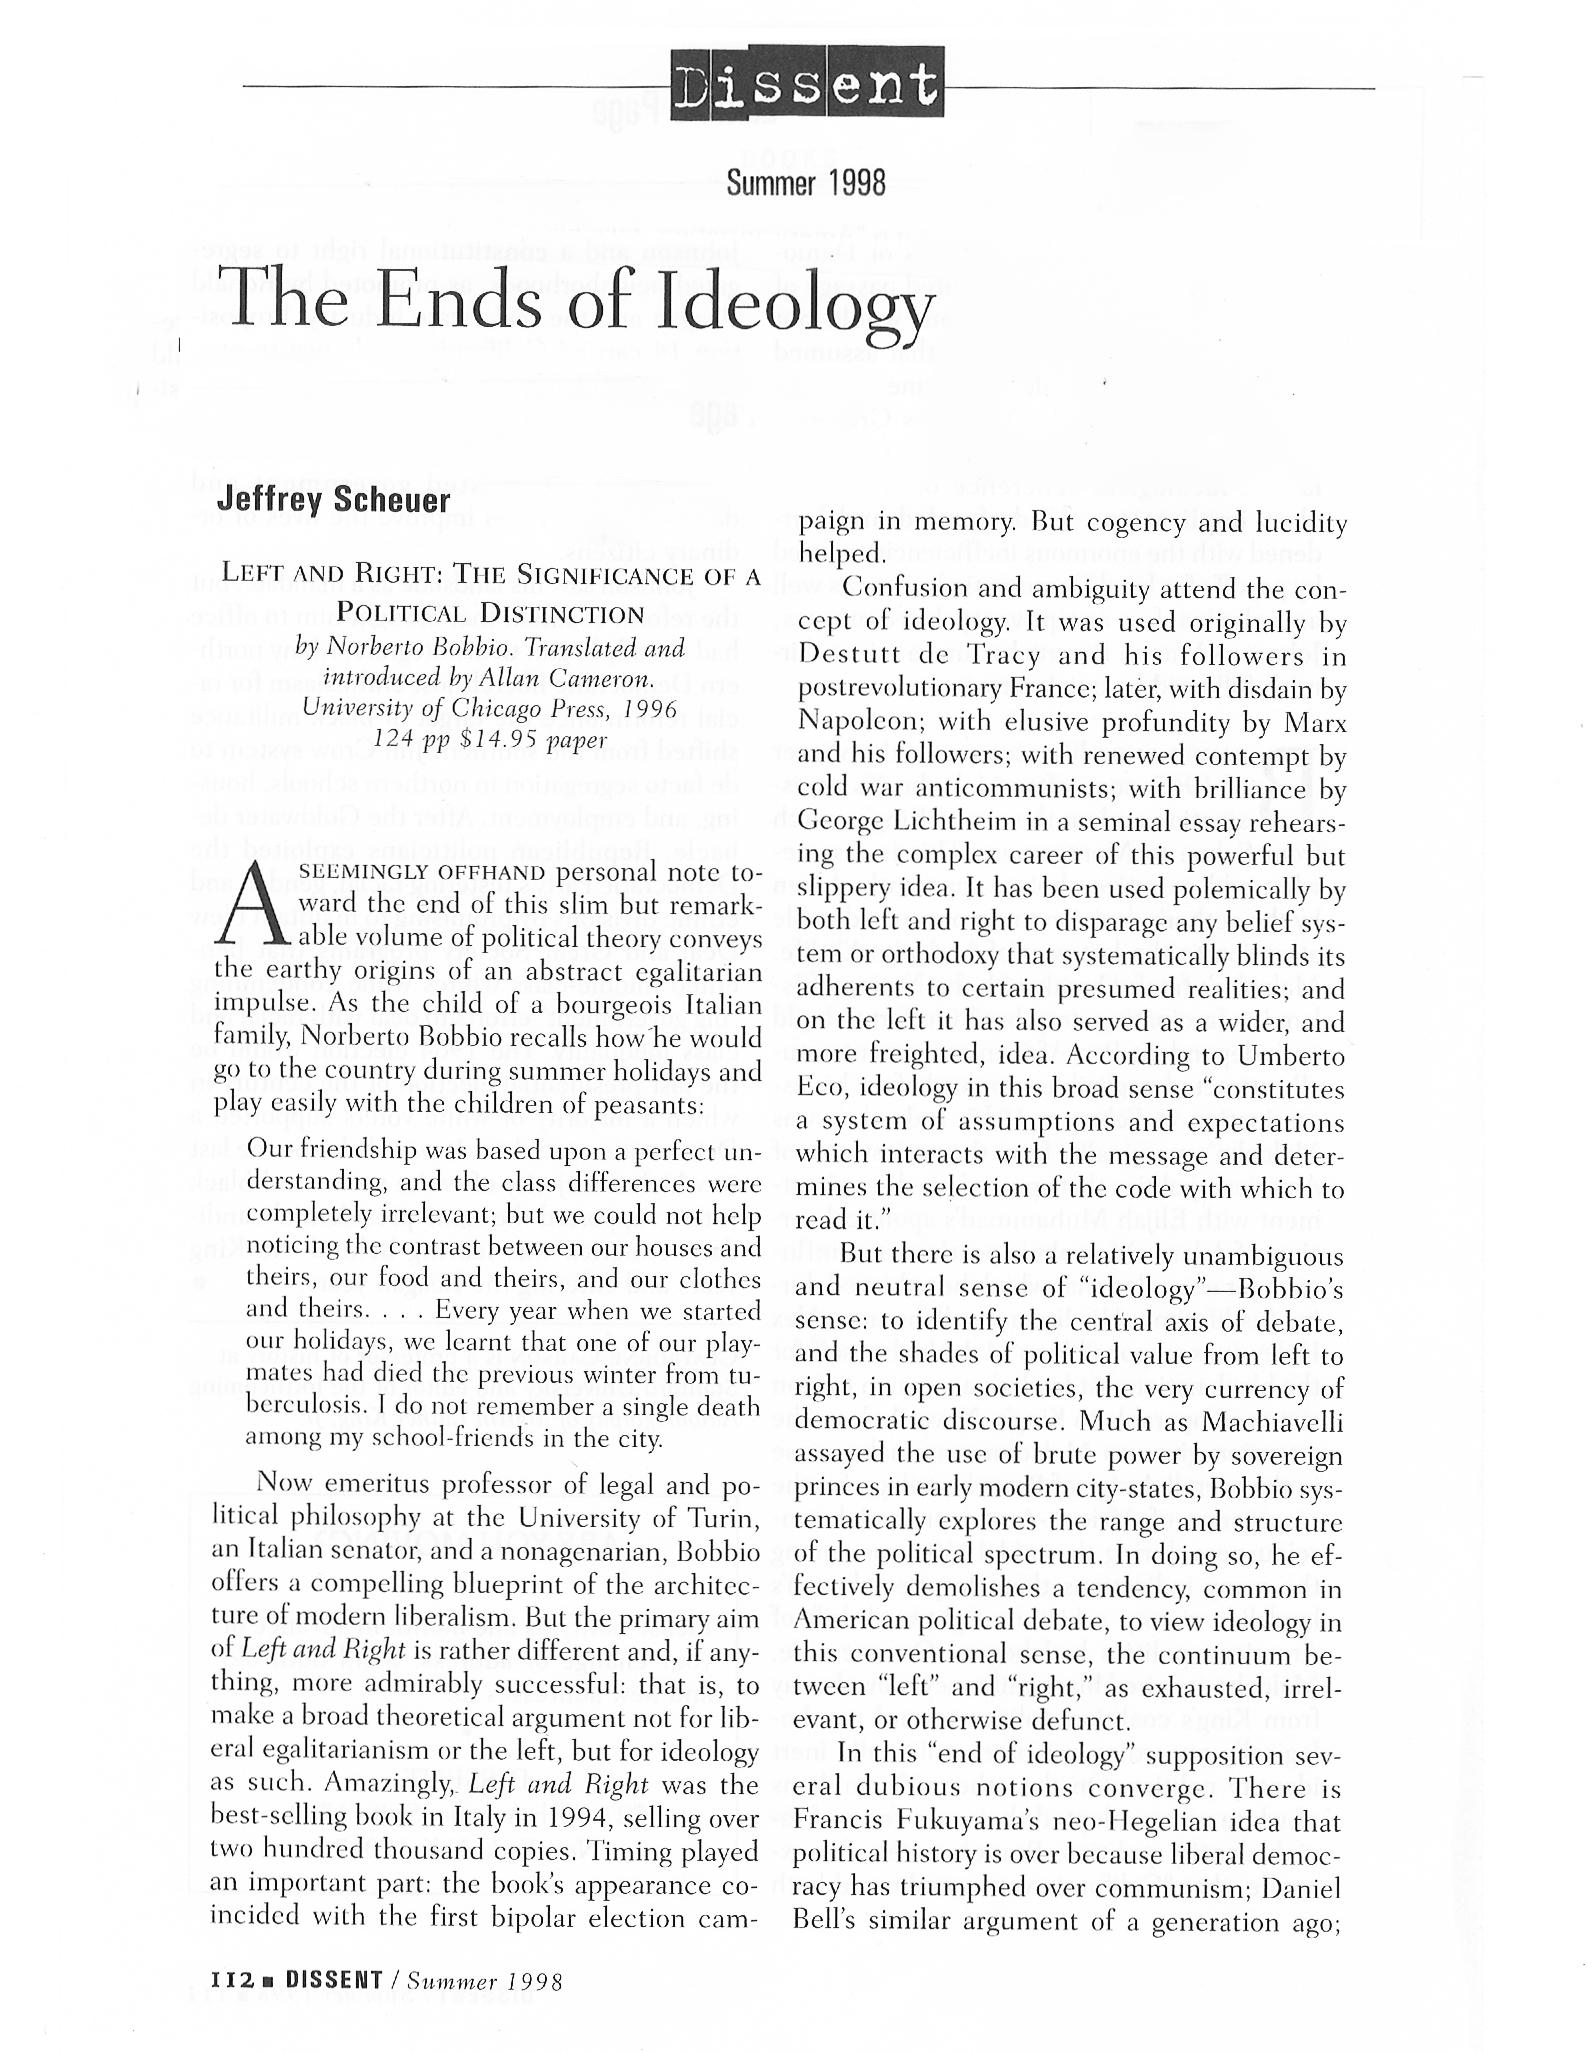 endsofideology1.jpg